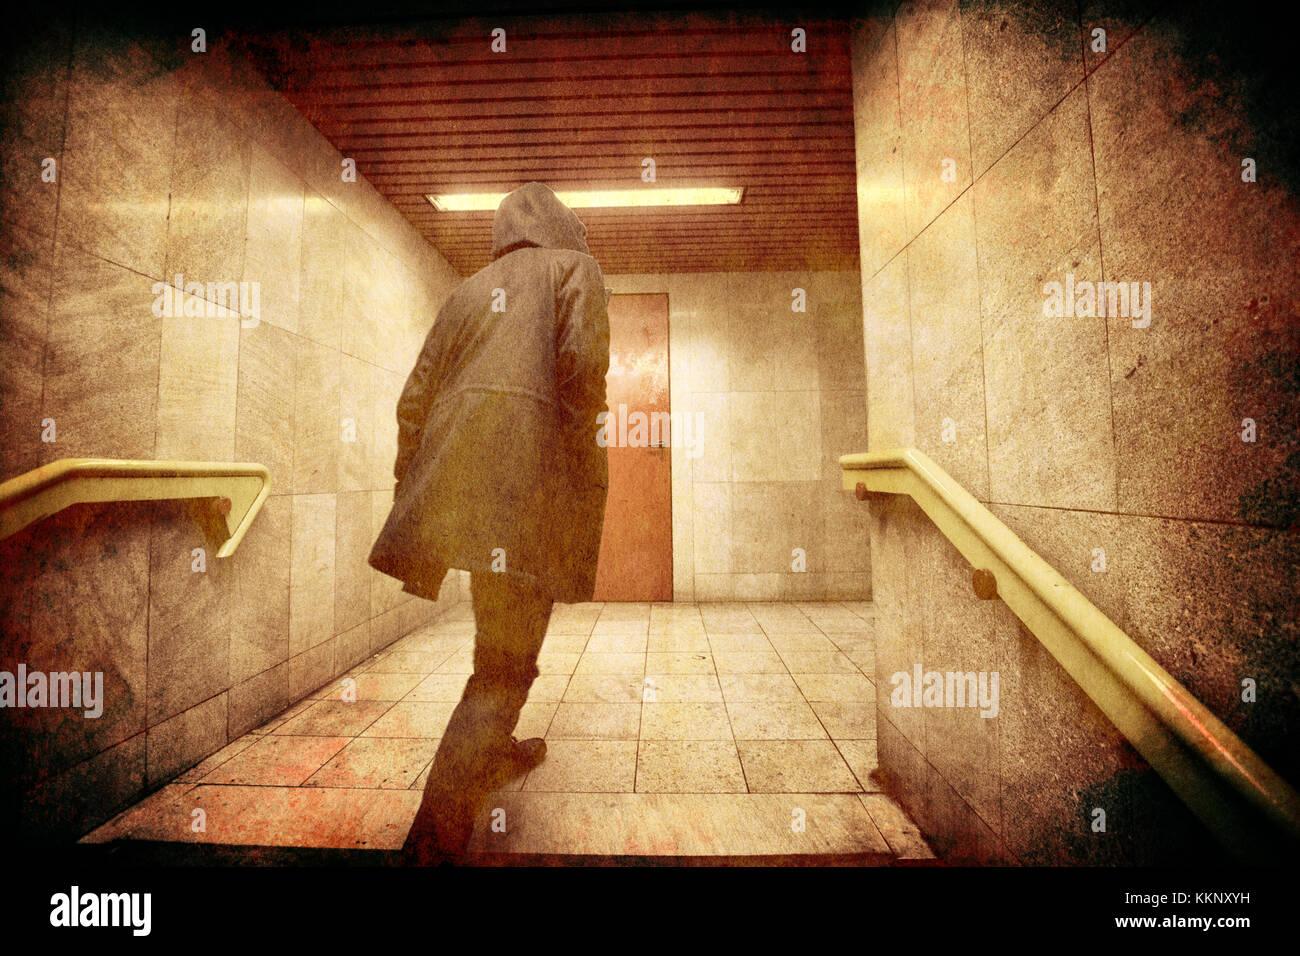 Hombre encapuchado sale de las escaleras Imagen De Stock